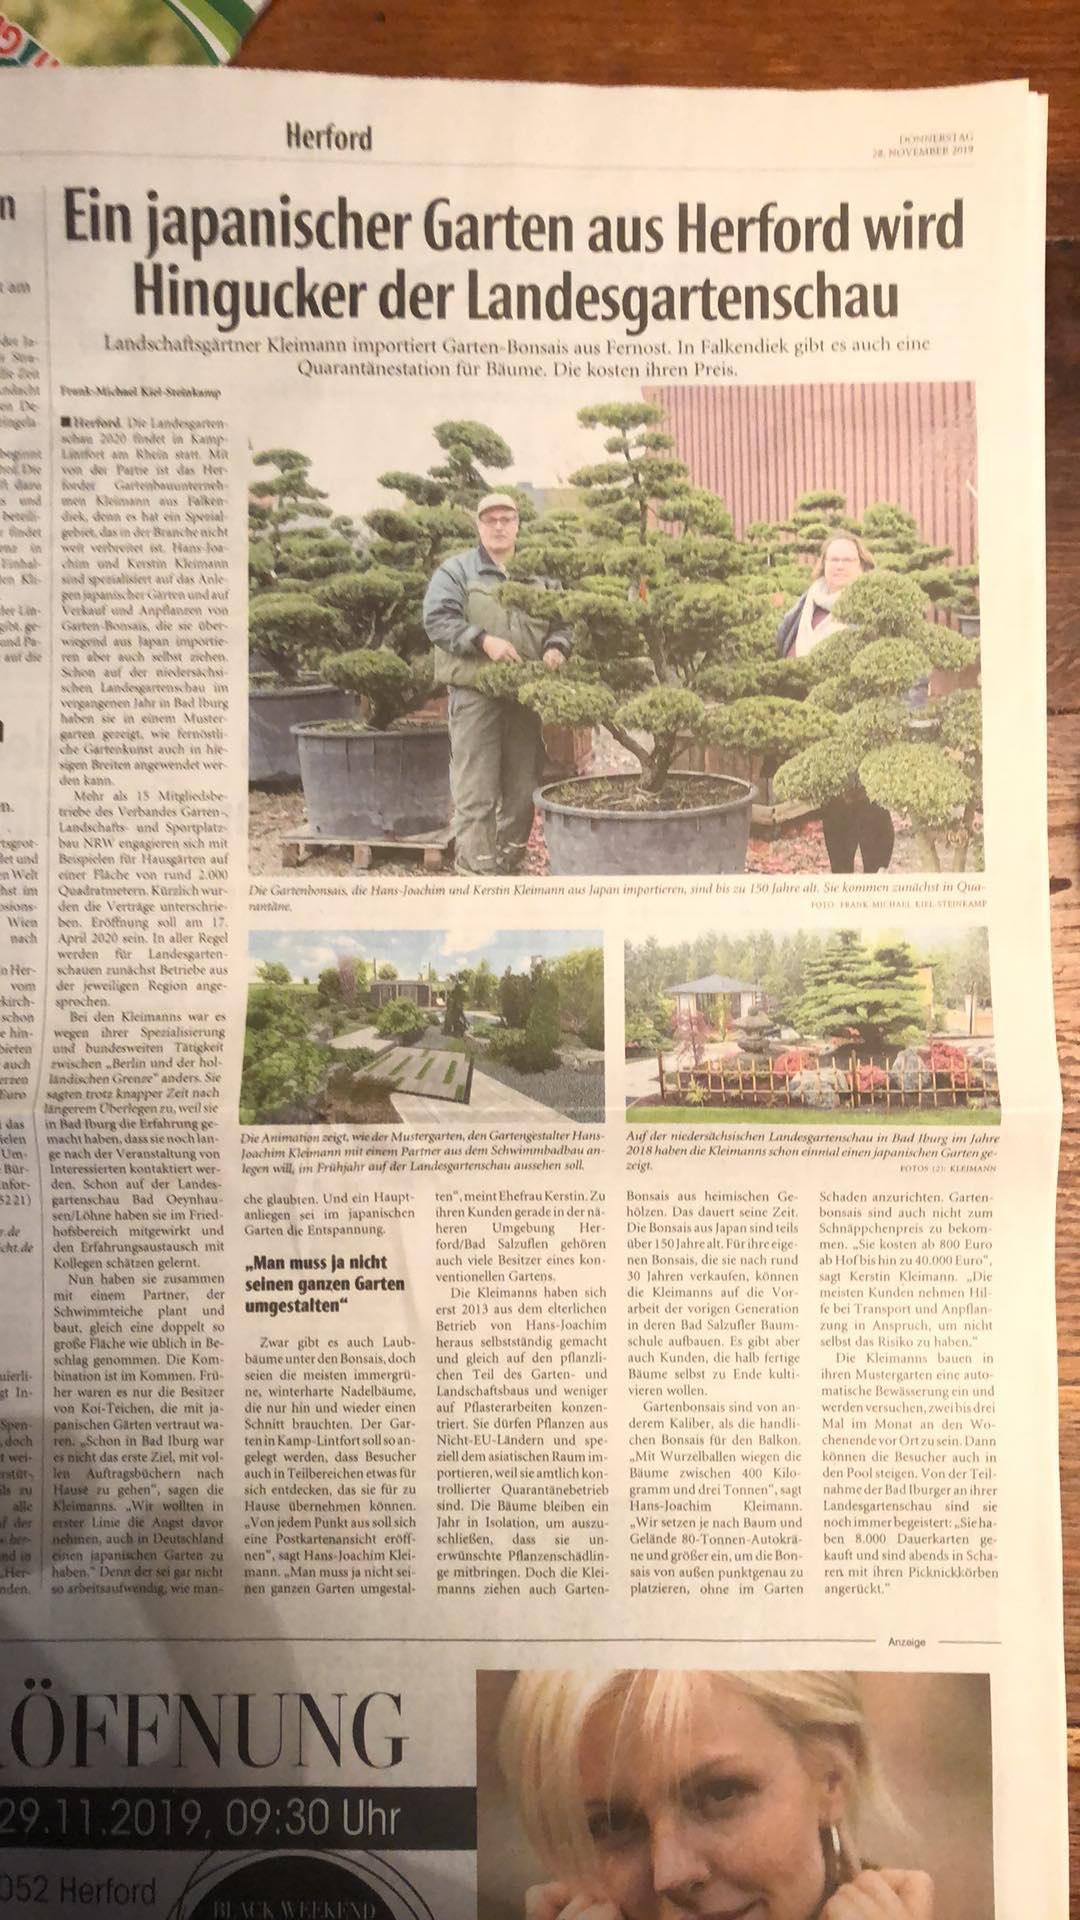 Hans-Joachim Kleimann Gartengestaltung baut einen Themengarten auf der Landesgartenschau Kamp-Lintfort.